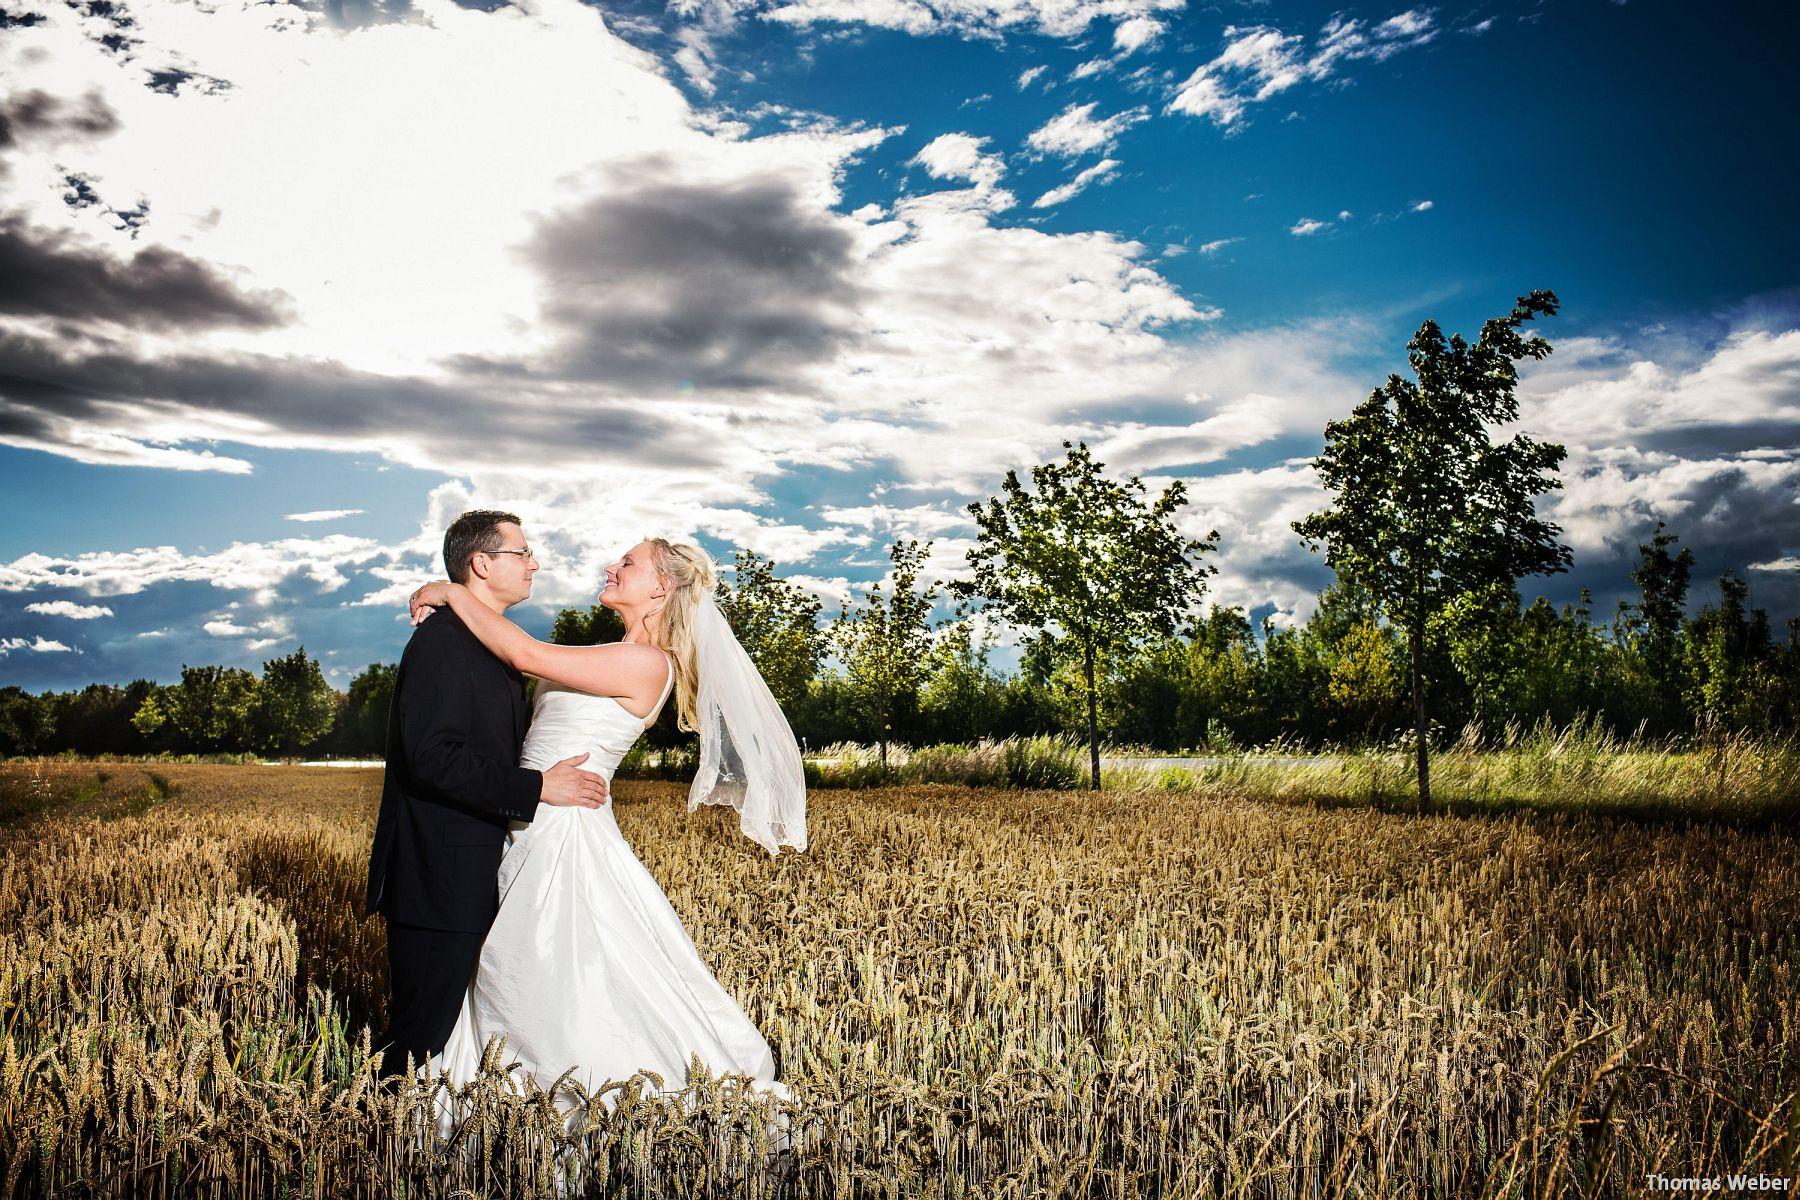 Fototechnik: Fotos mit Blitzlicht (Hensel Porty oder Aufsteckblitzen)